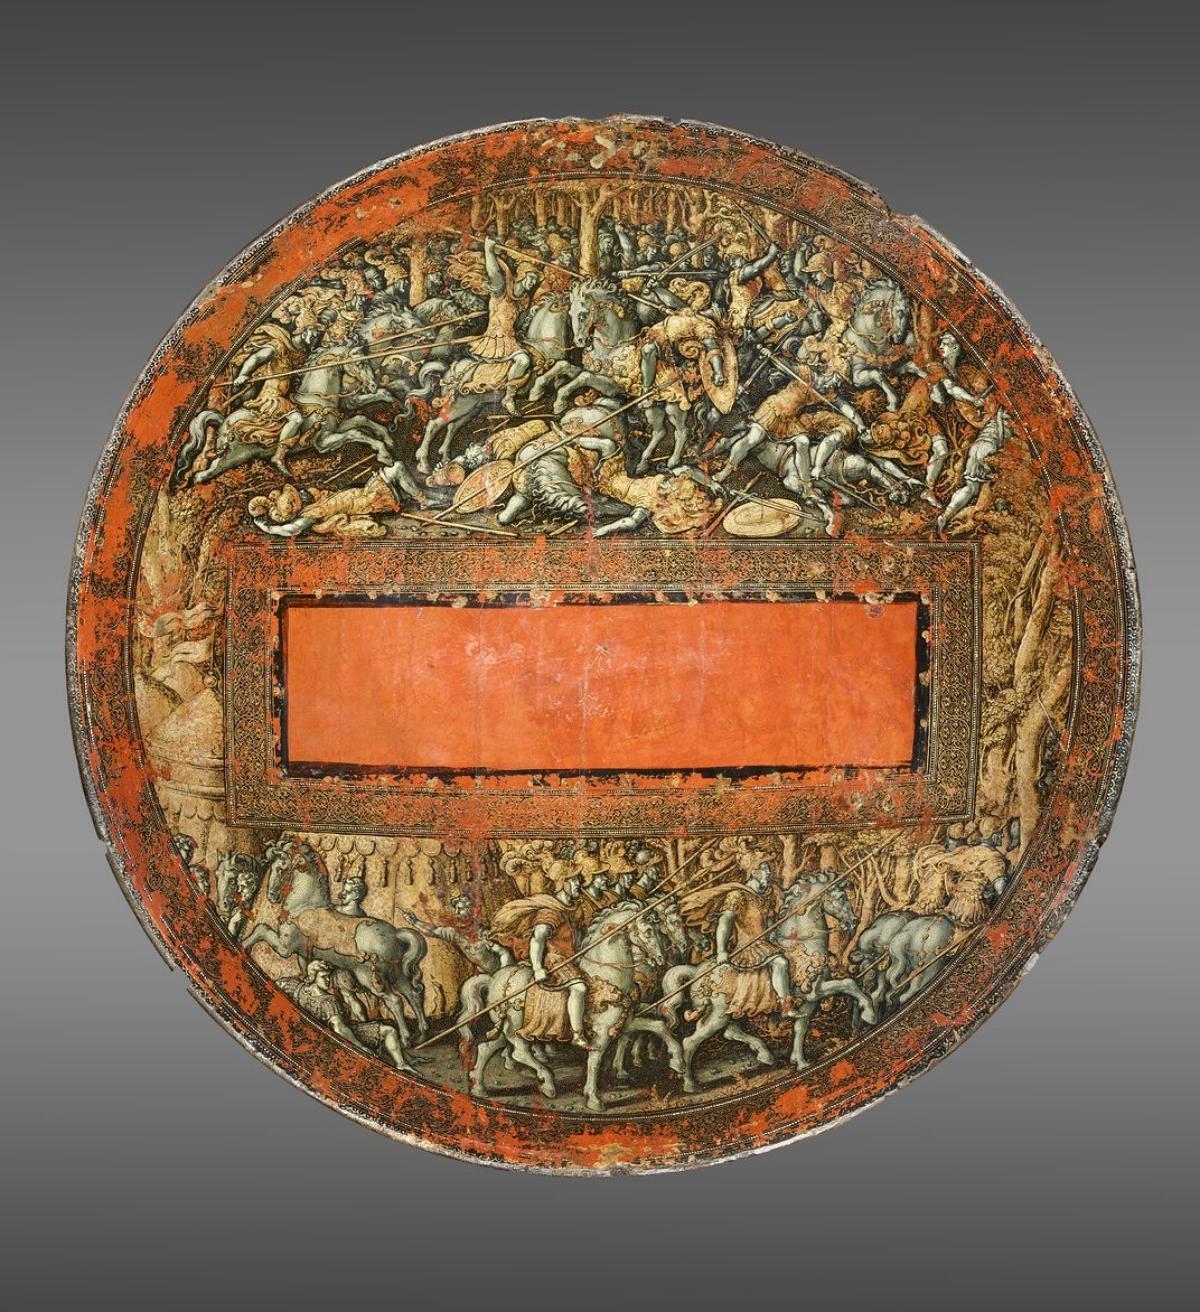 Renaissance ceremonial shield